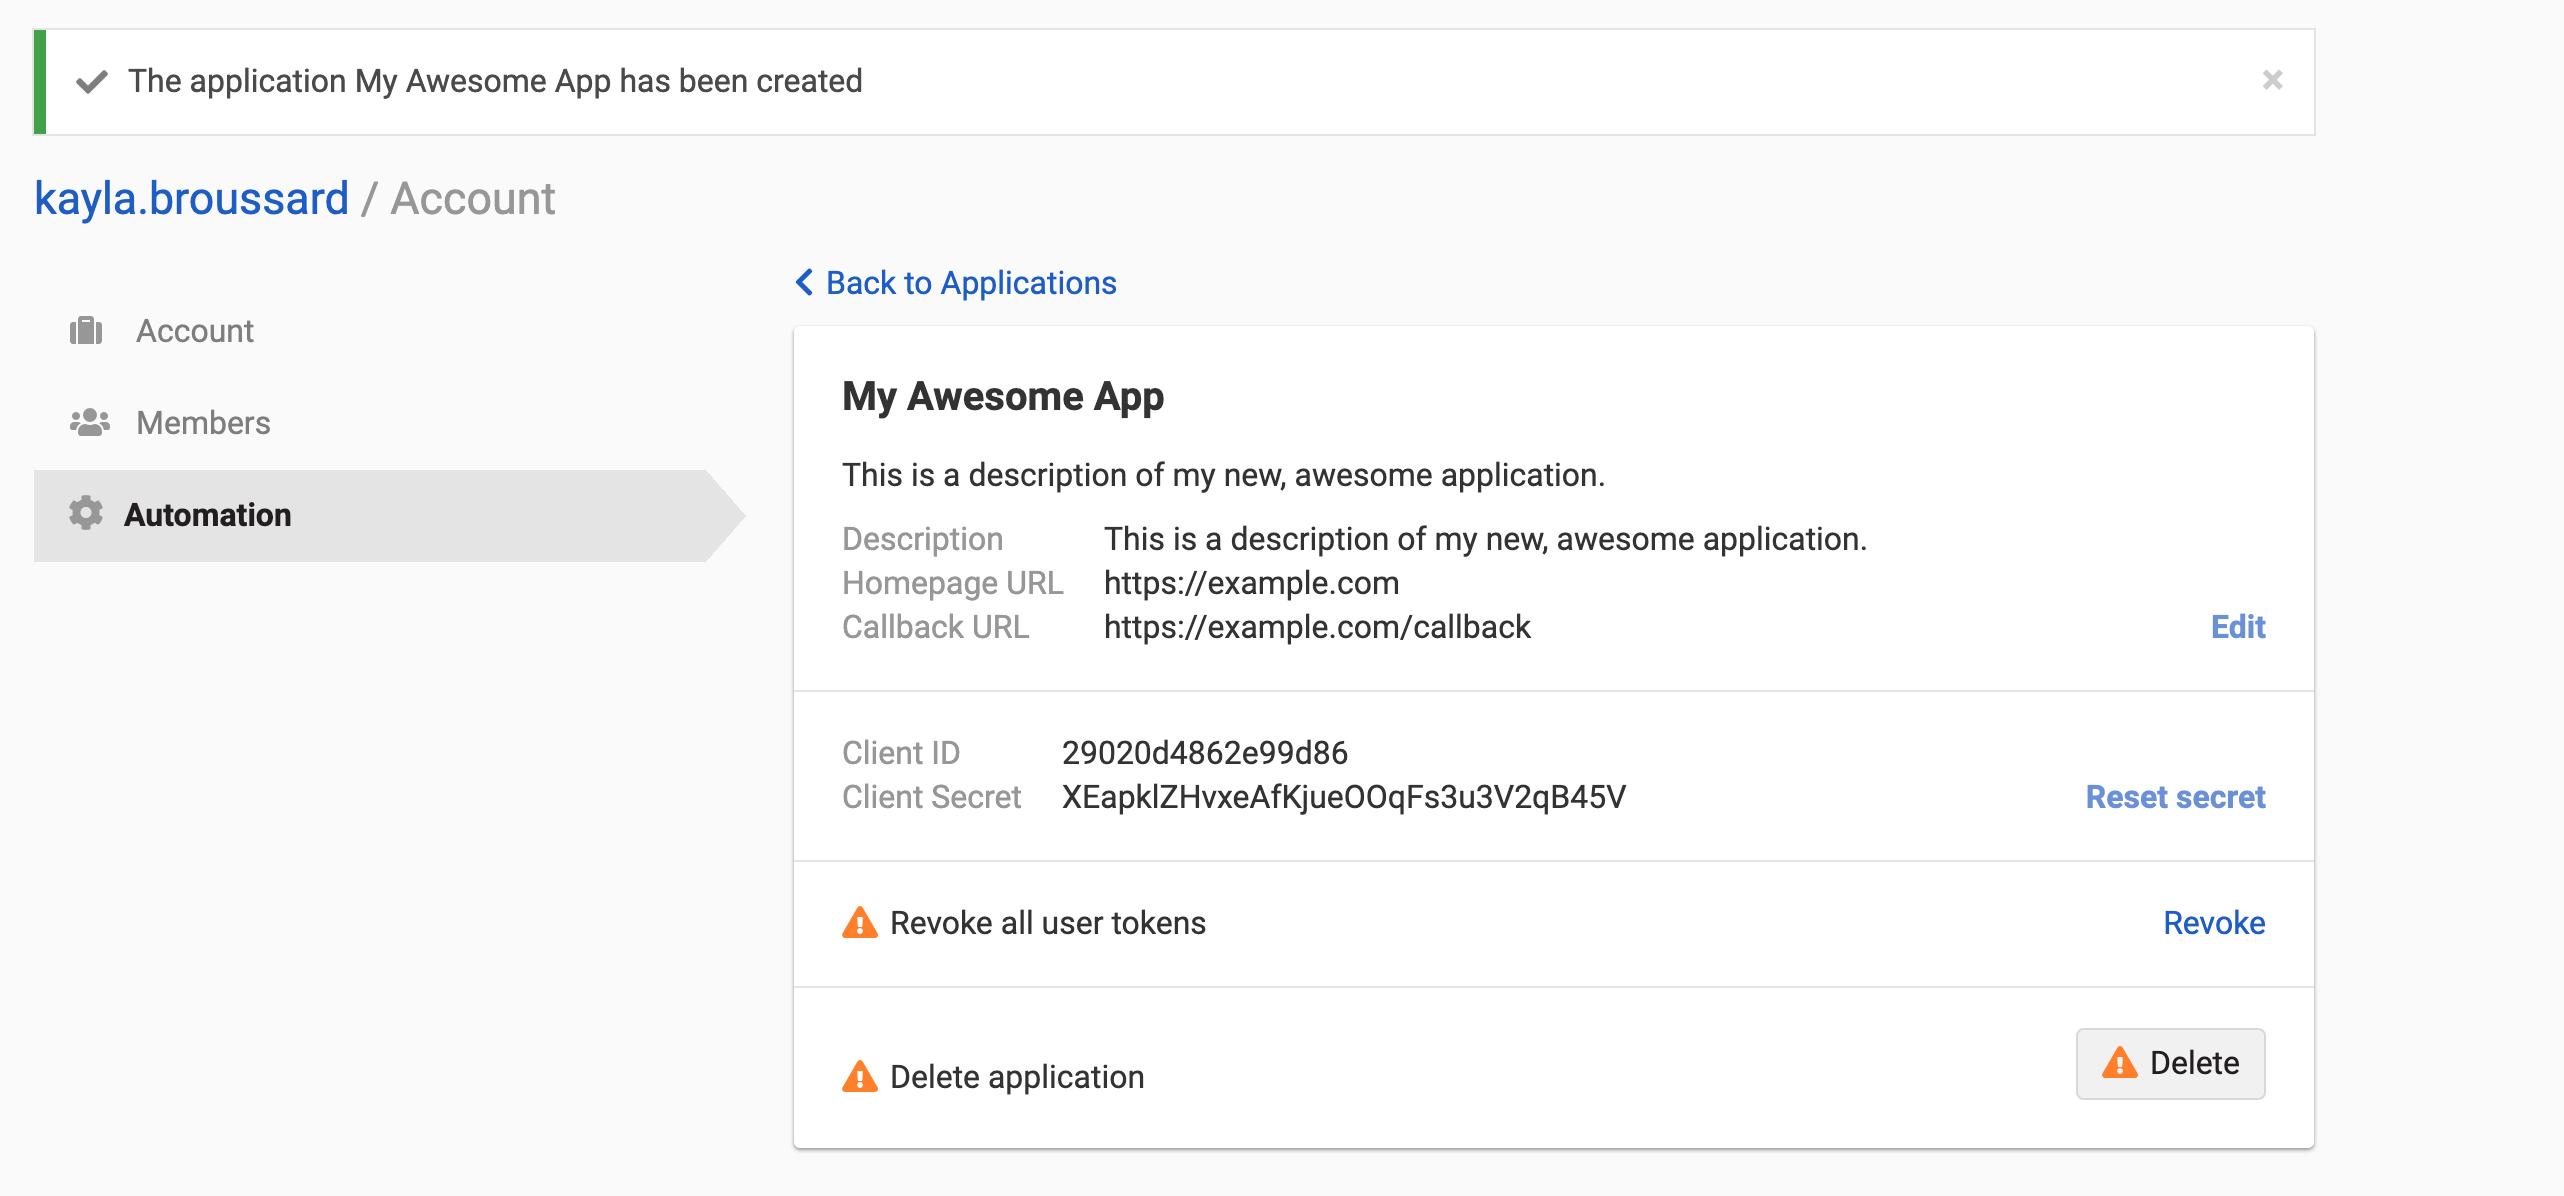 App created